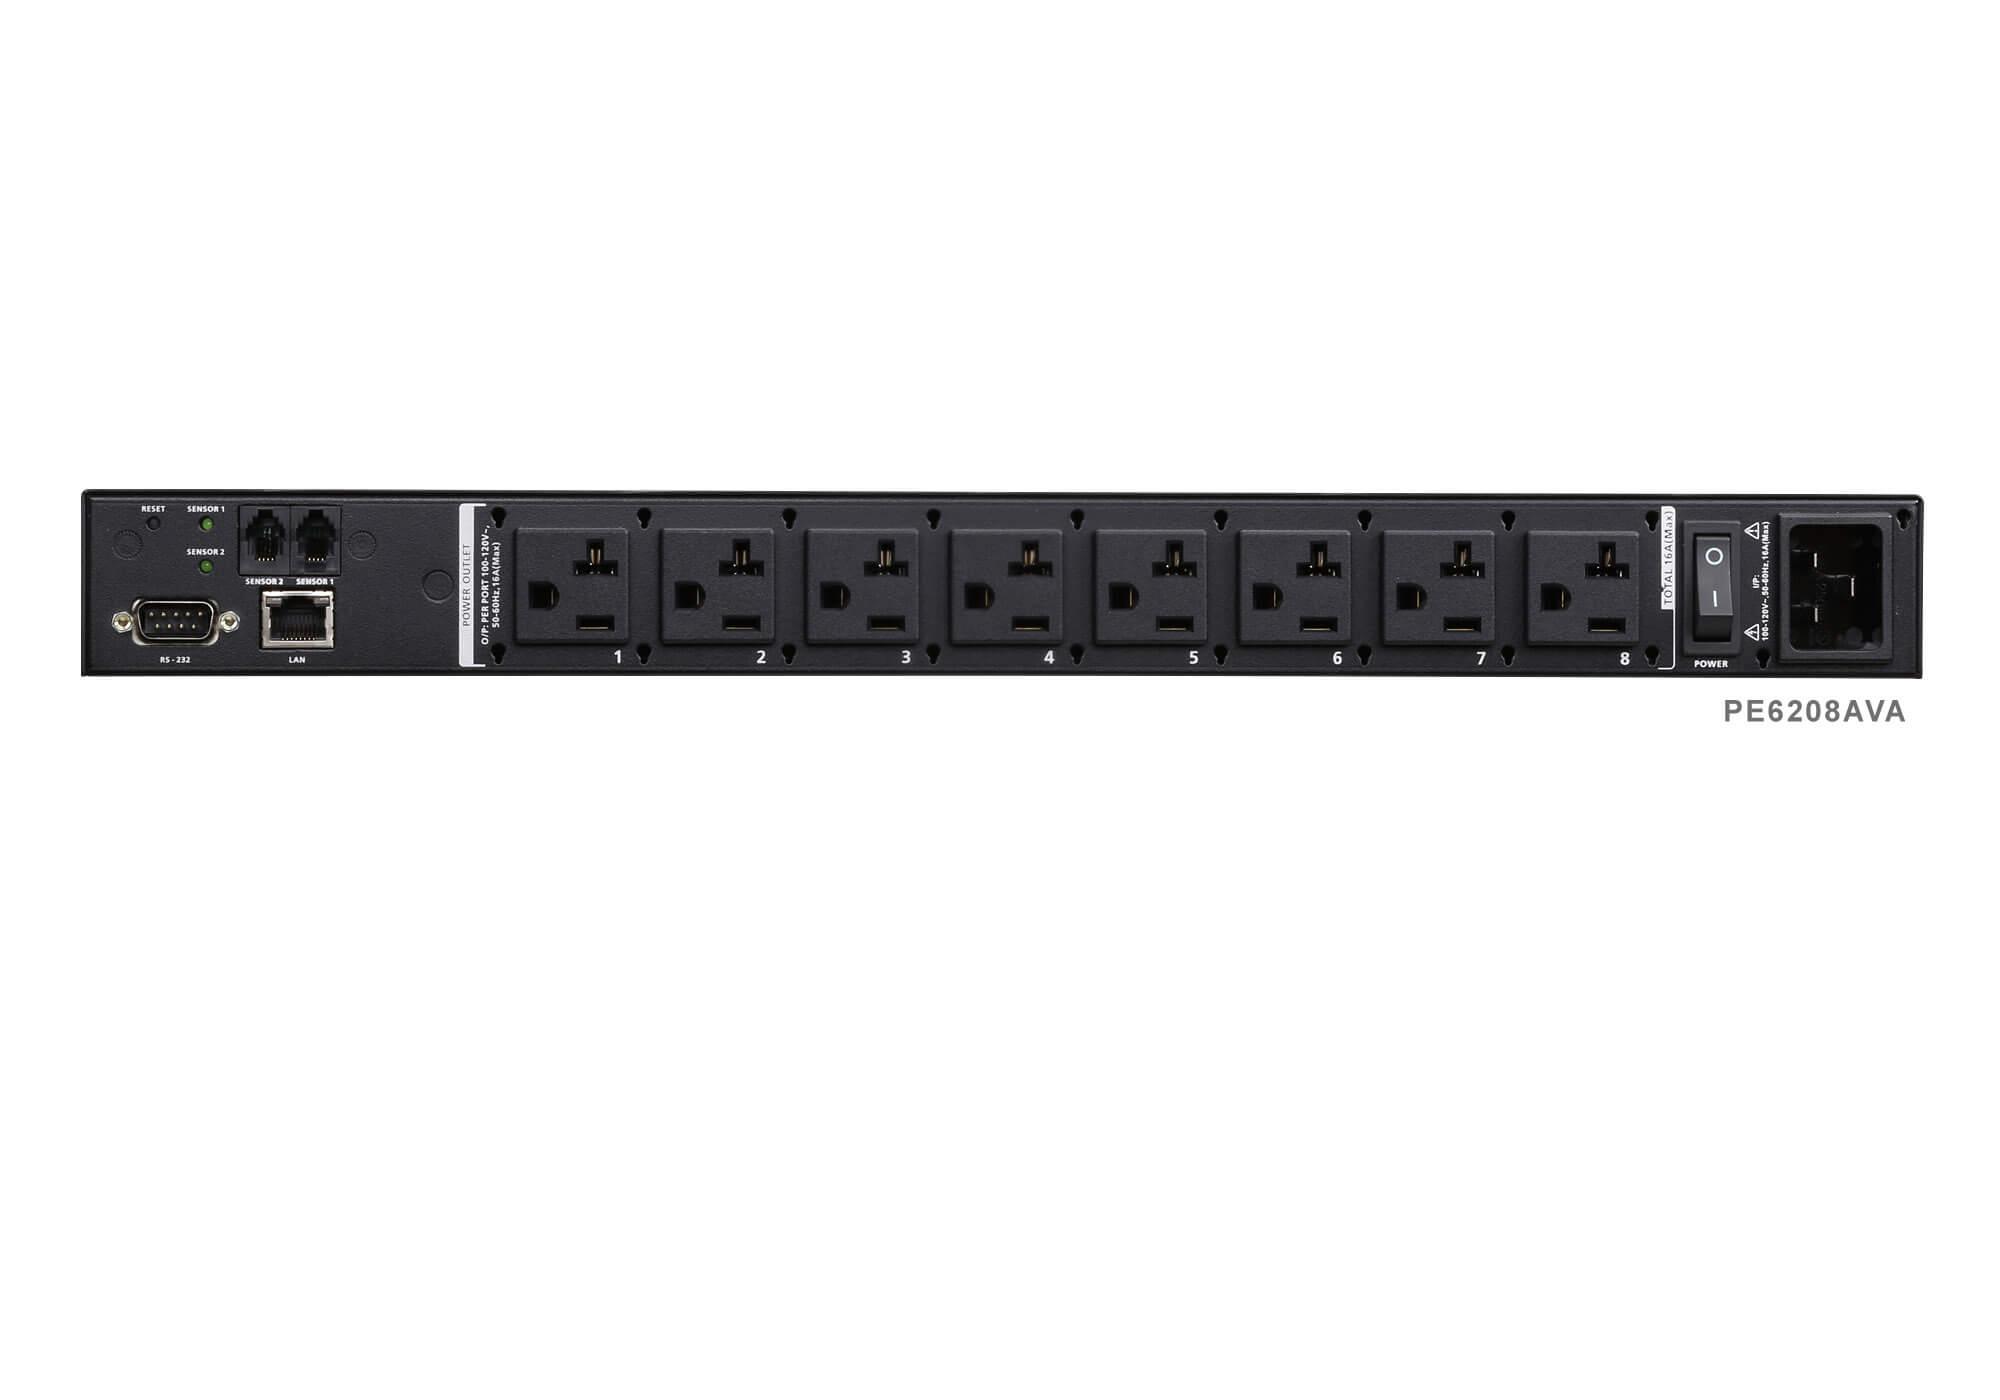 8-Outlet eco PDU - PE6208AV, ATEN Rack PDU | ATEN ANZ